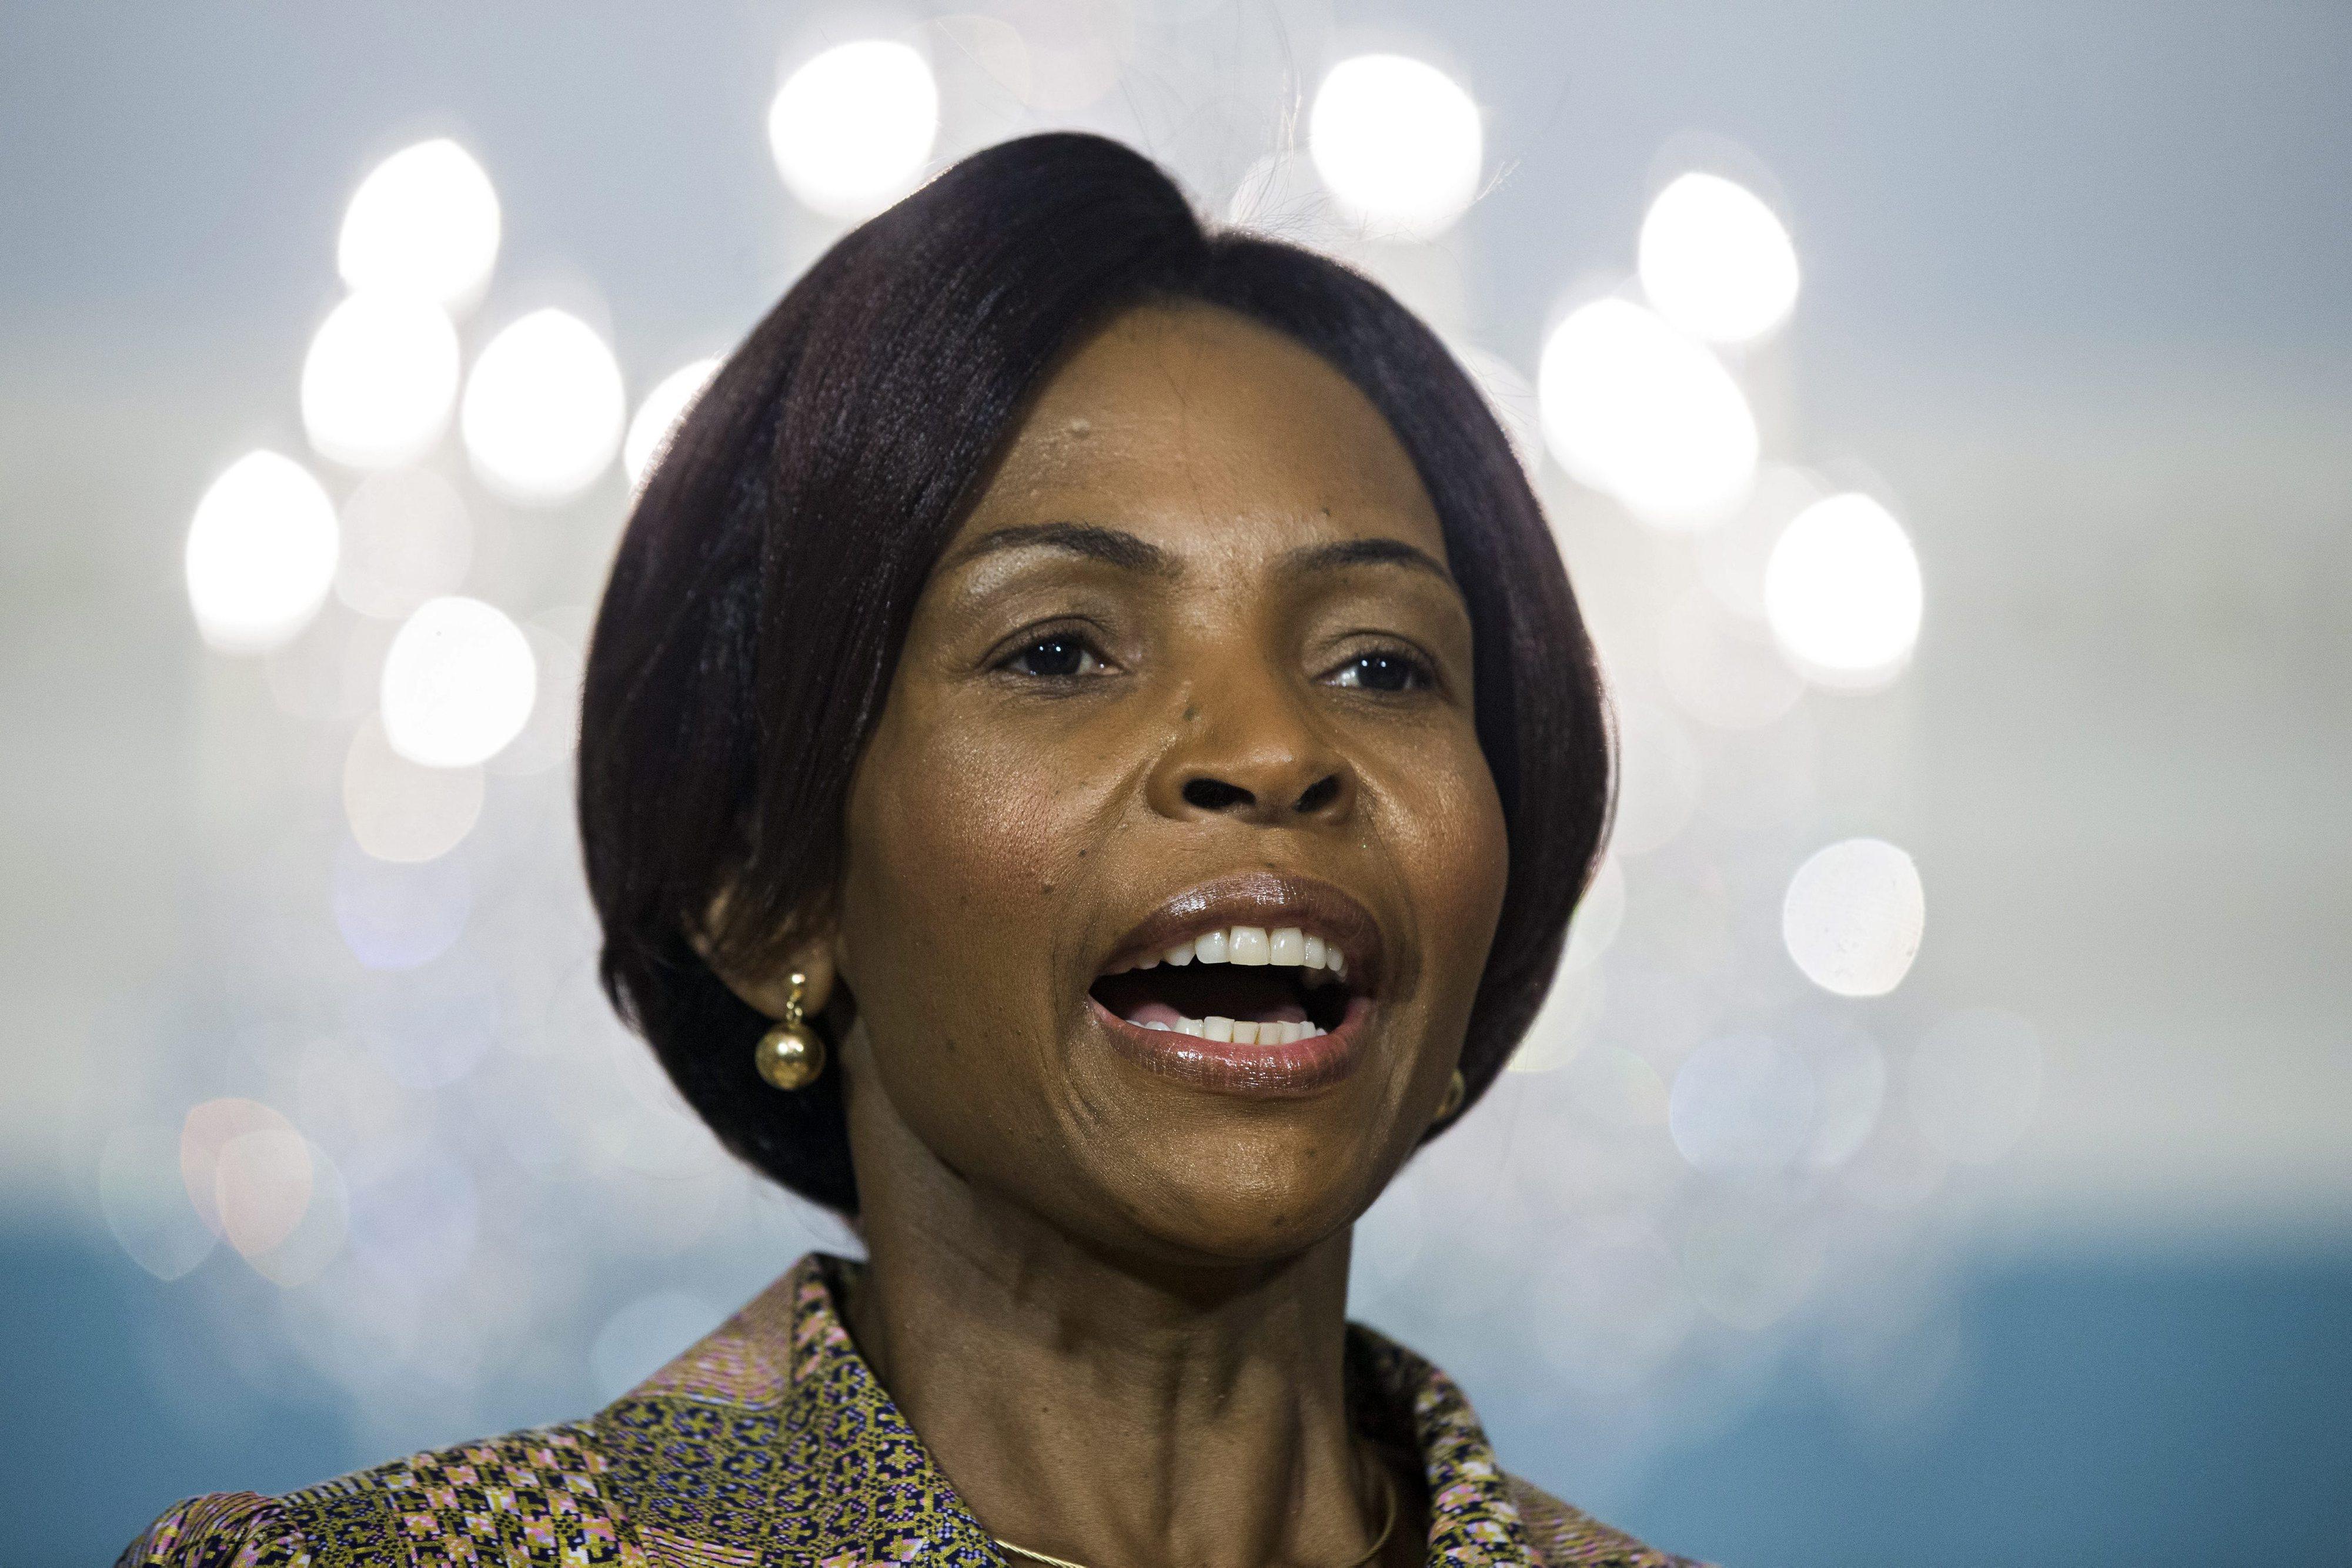 MNE sul-africana diz que Zuma não recebeu pedido para mediar crise em Moçambique